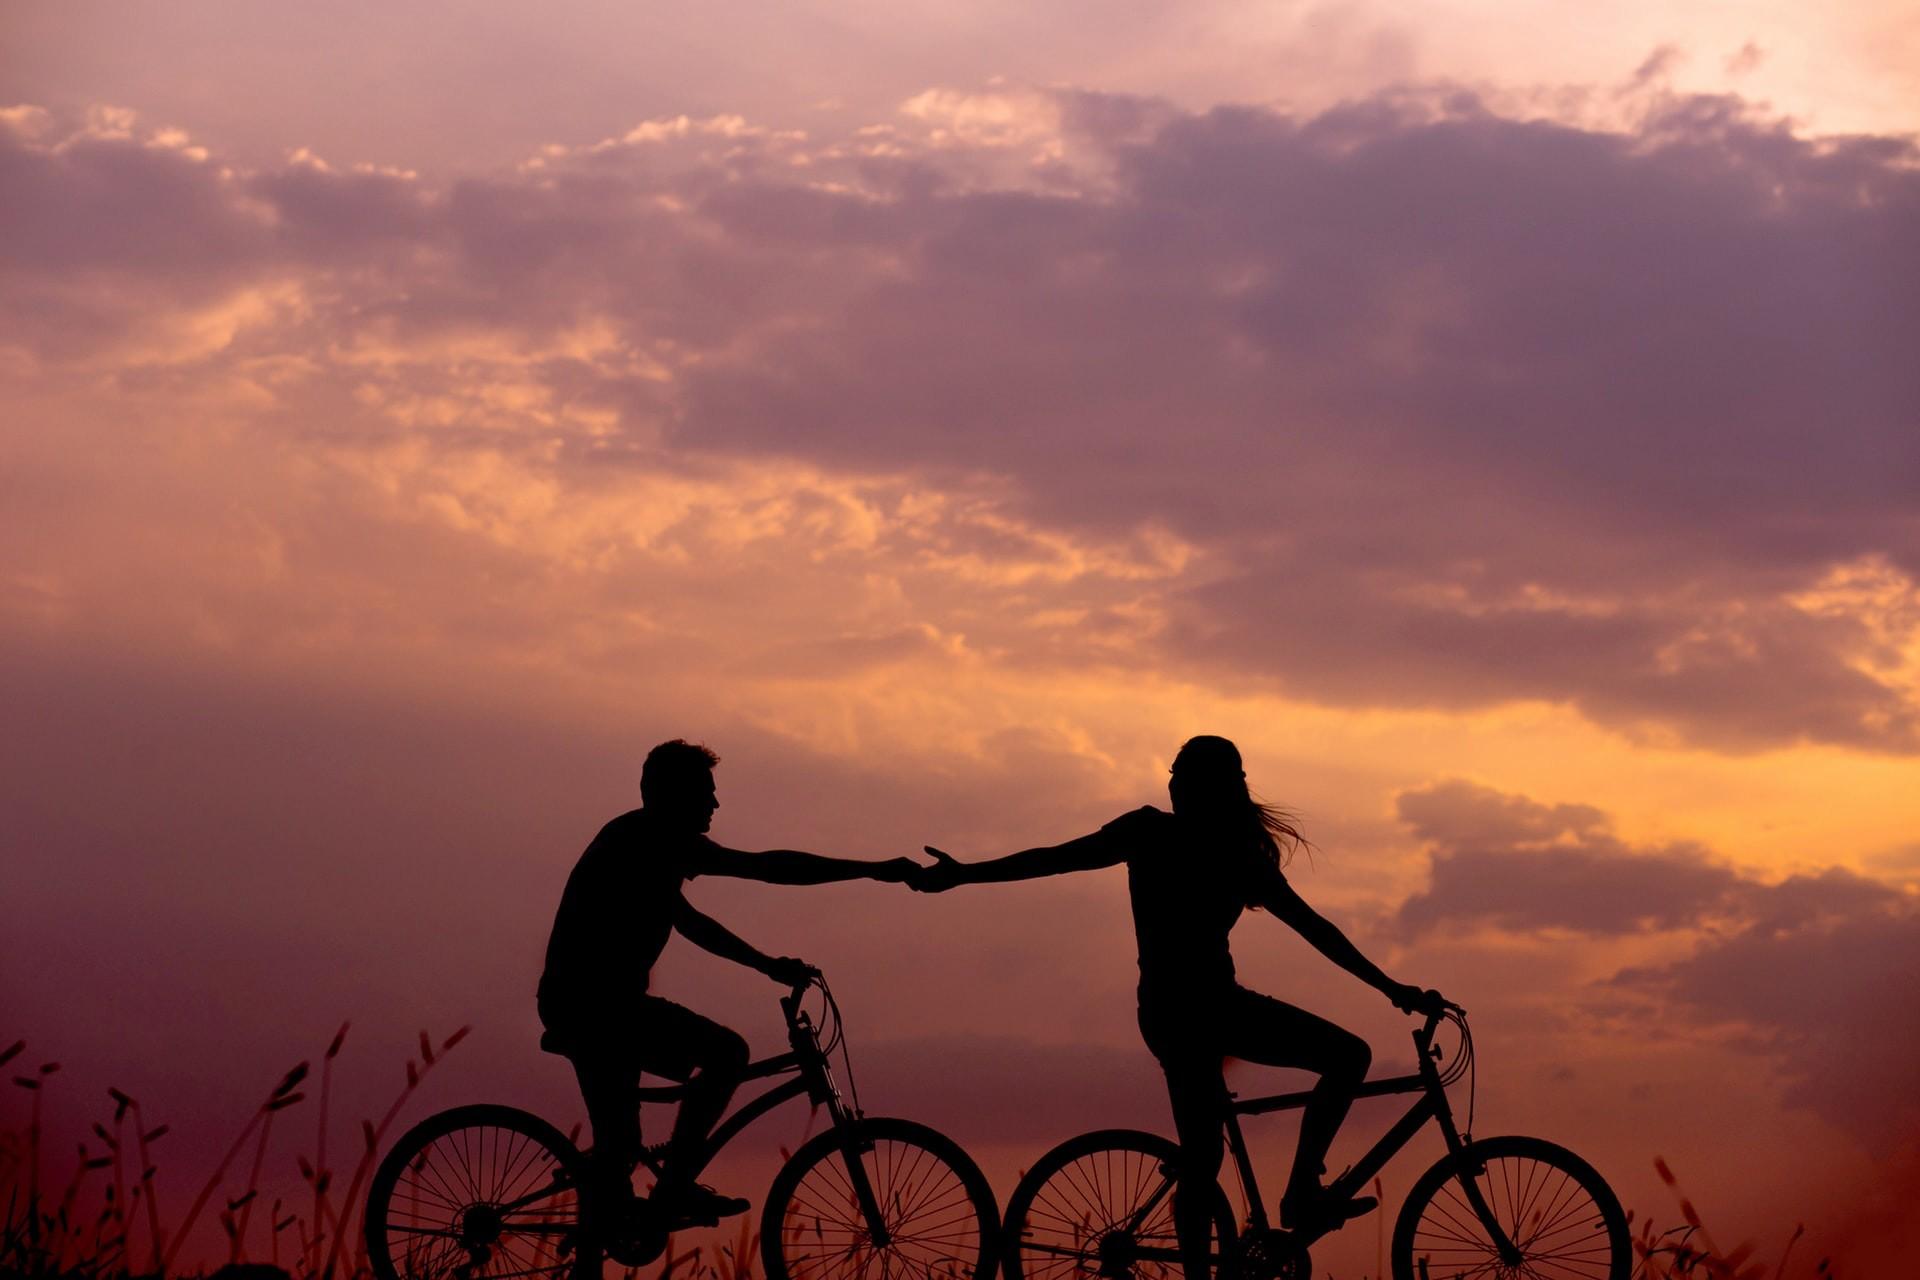 L'oroscopo di lunedì 16 marzo, Cancro: l'amore bussa alla vostra porta